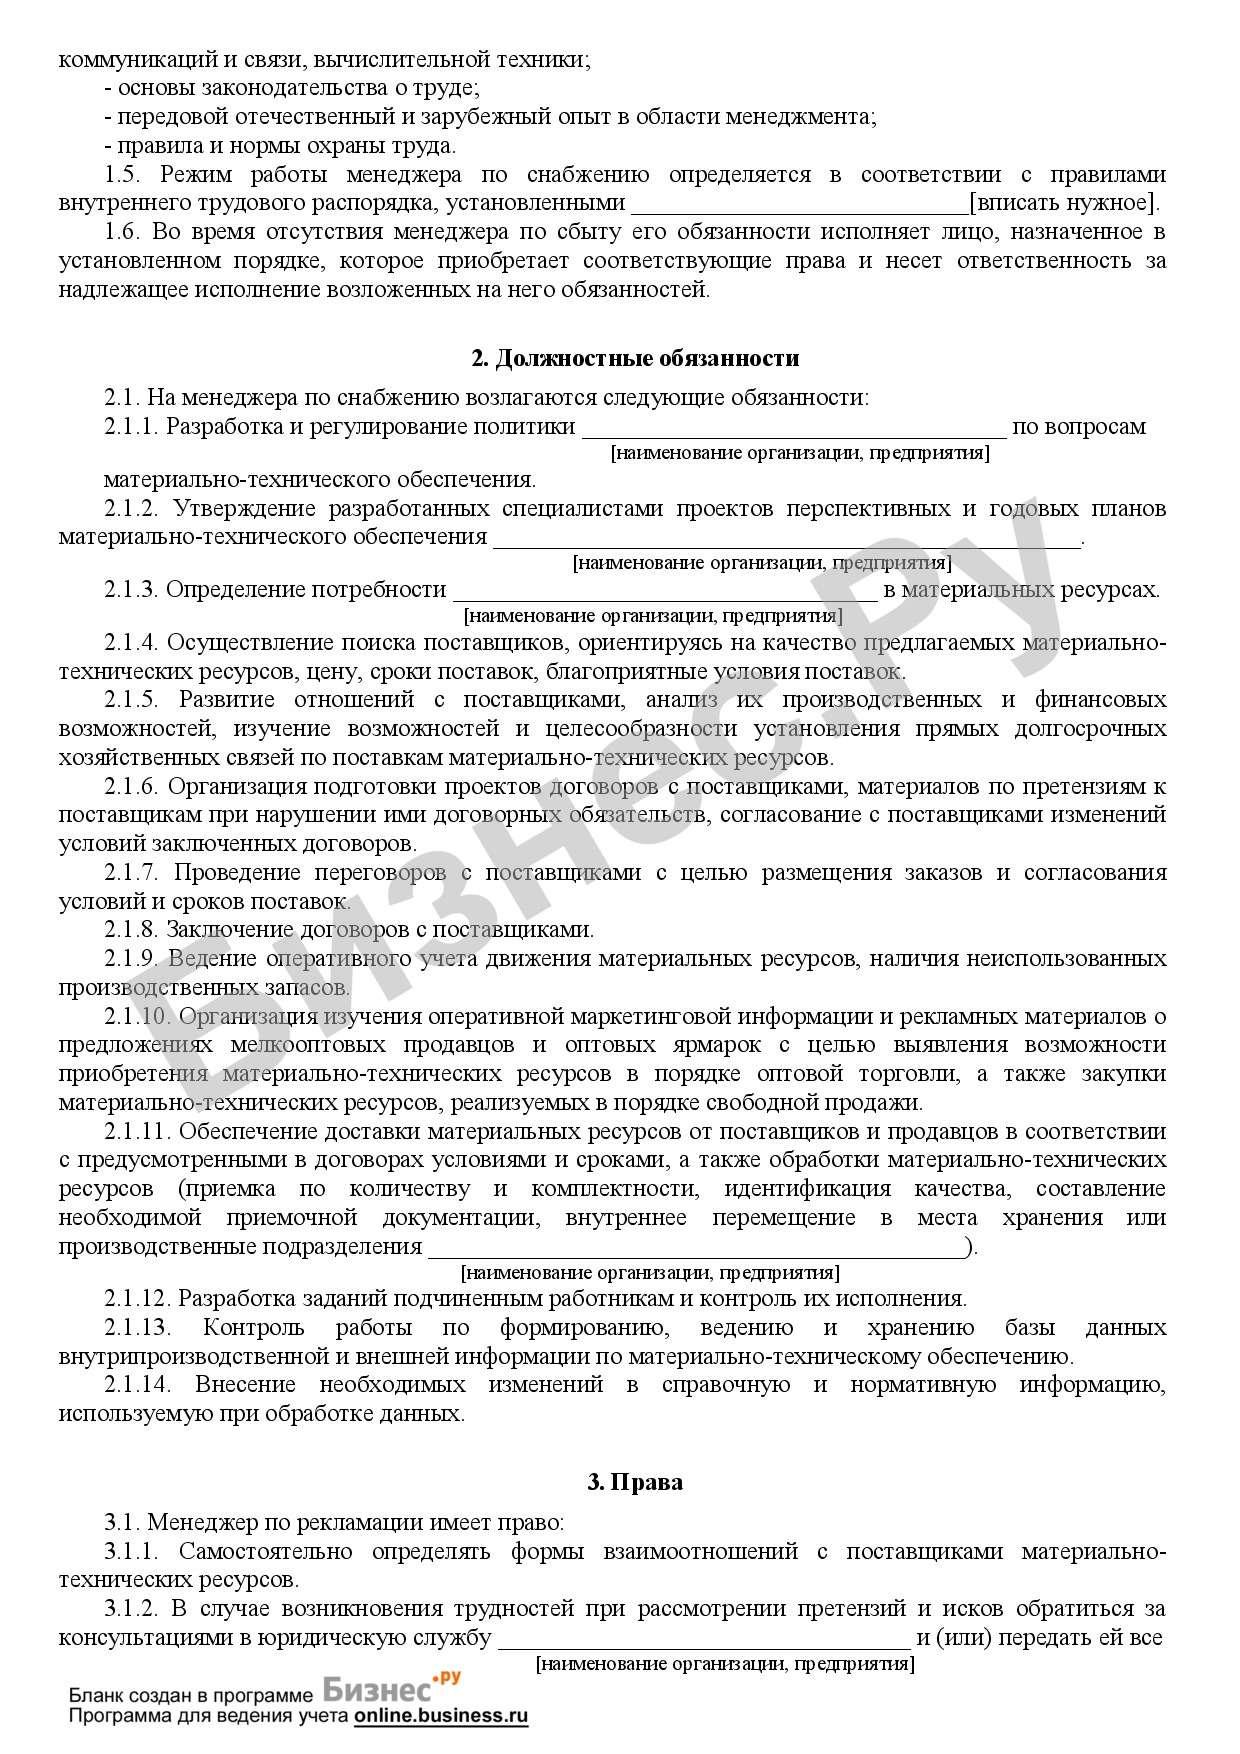 Должностные инструкции начальника снабжения и сбыта